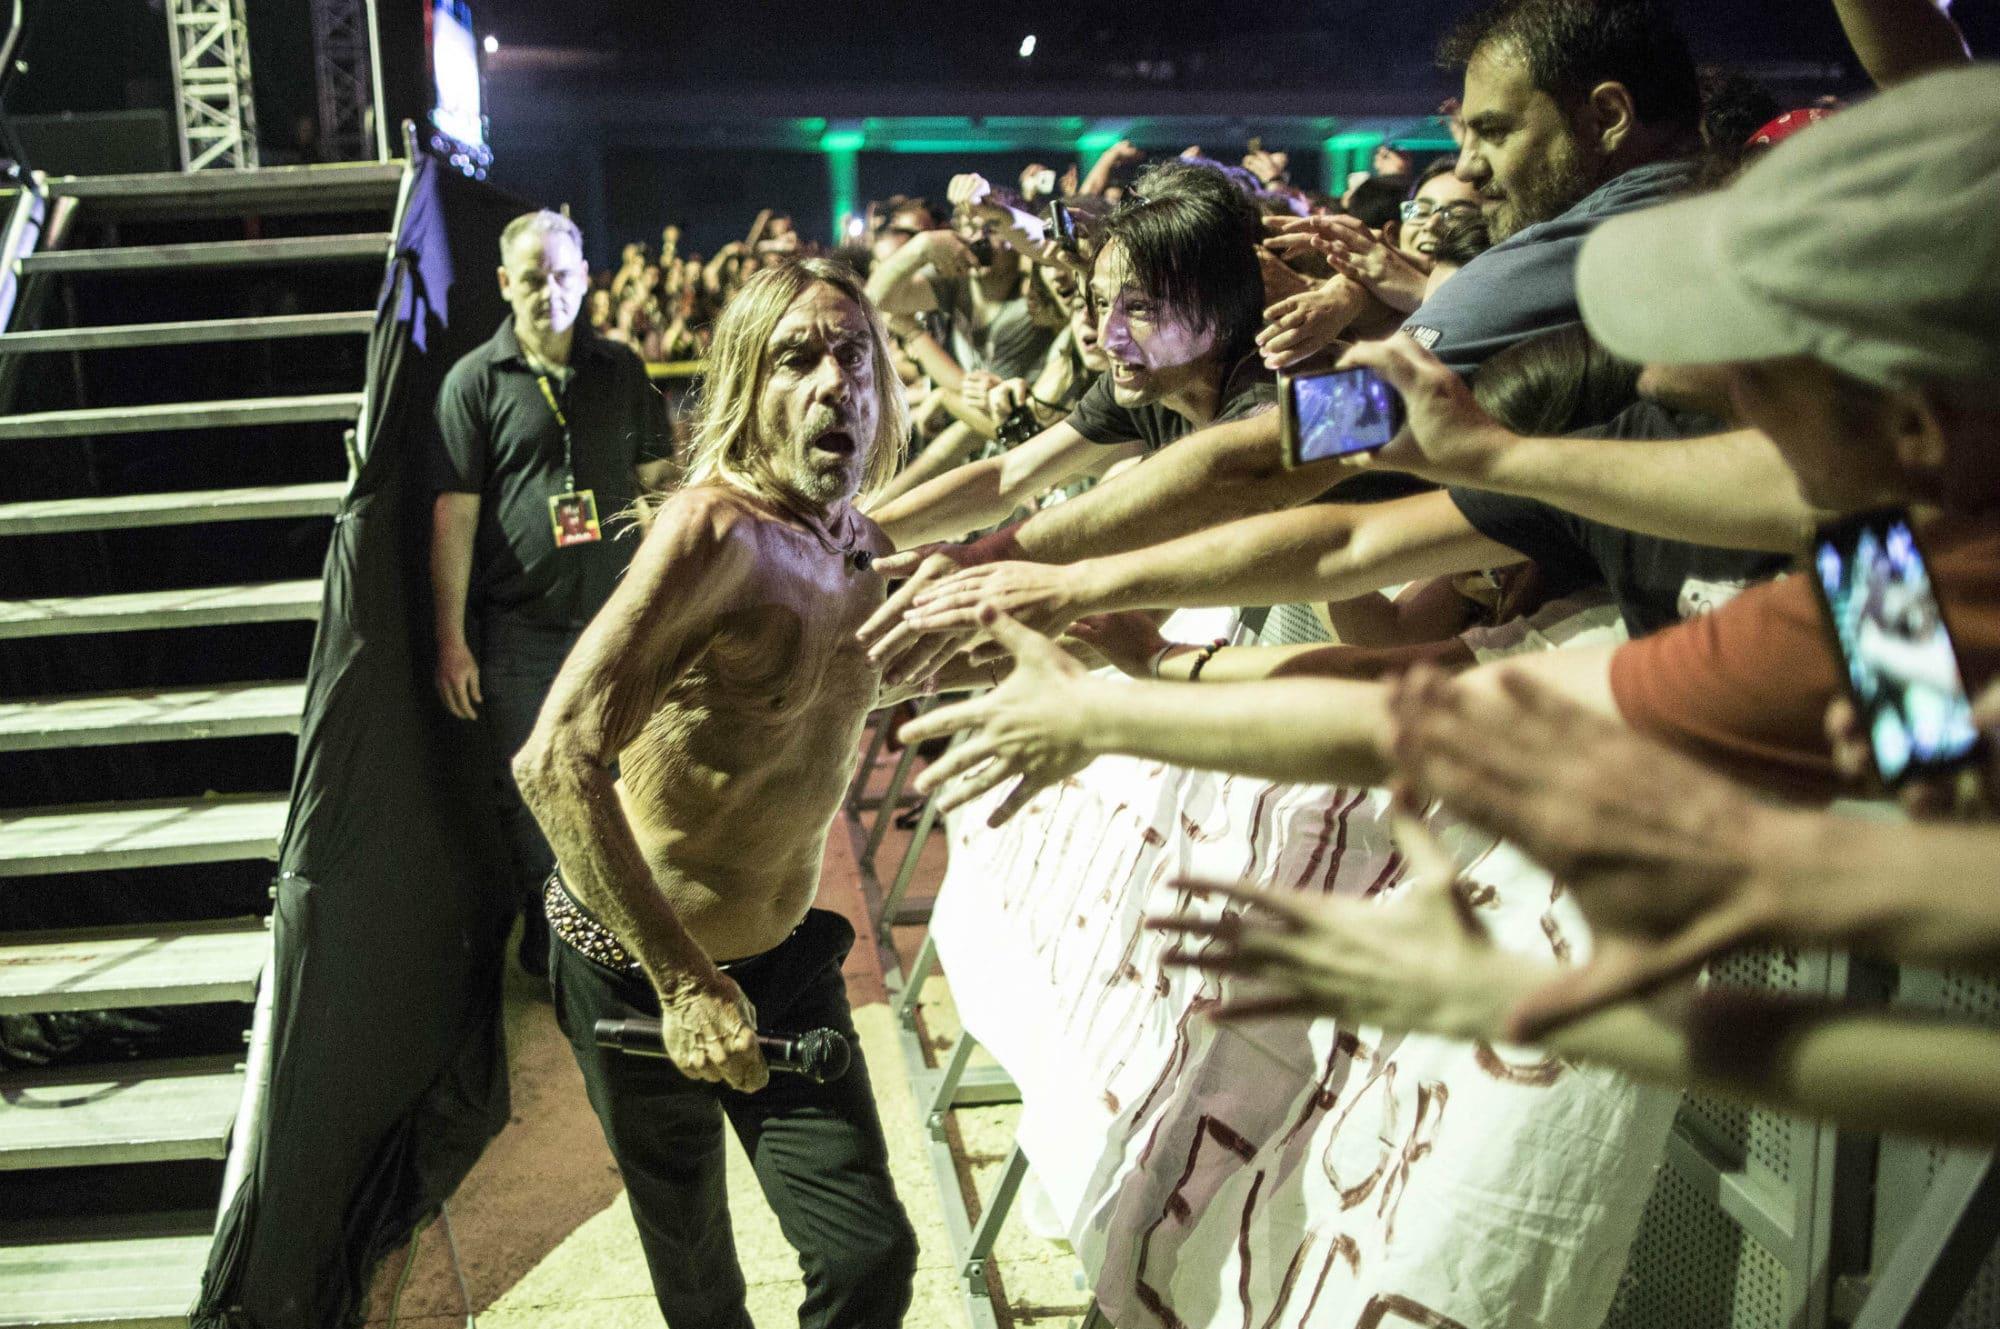 H φωτογραφία της εβδομάδας ανήκει δικαιωματικά στον Iggy Pop - τι έγινε στο live του και σε αυτό του Damian Marley (pics)